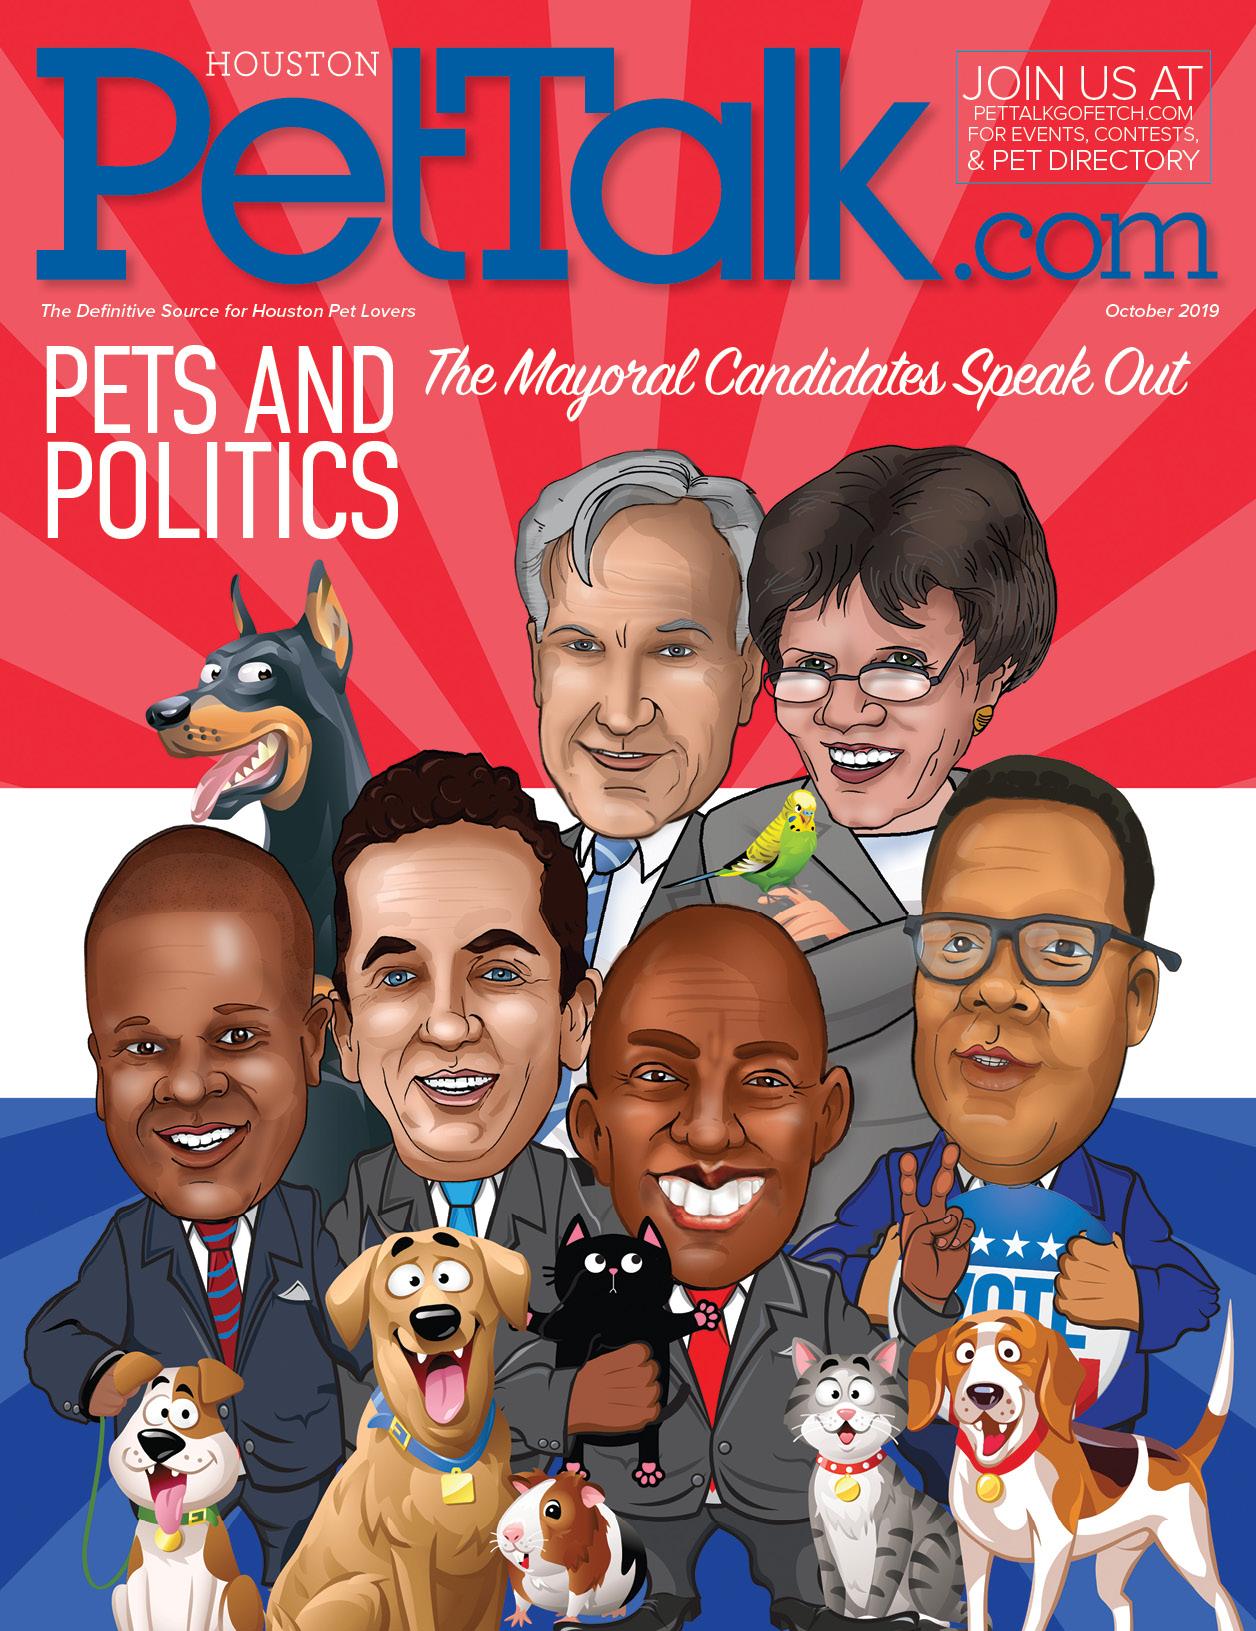 October 2019 Digital Issue of Houston PetTalk